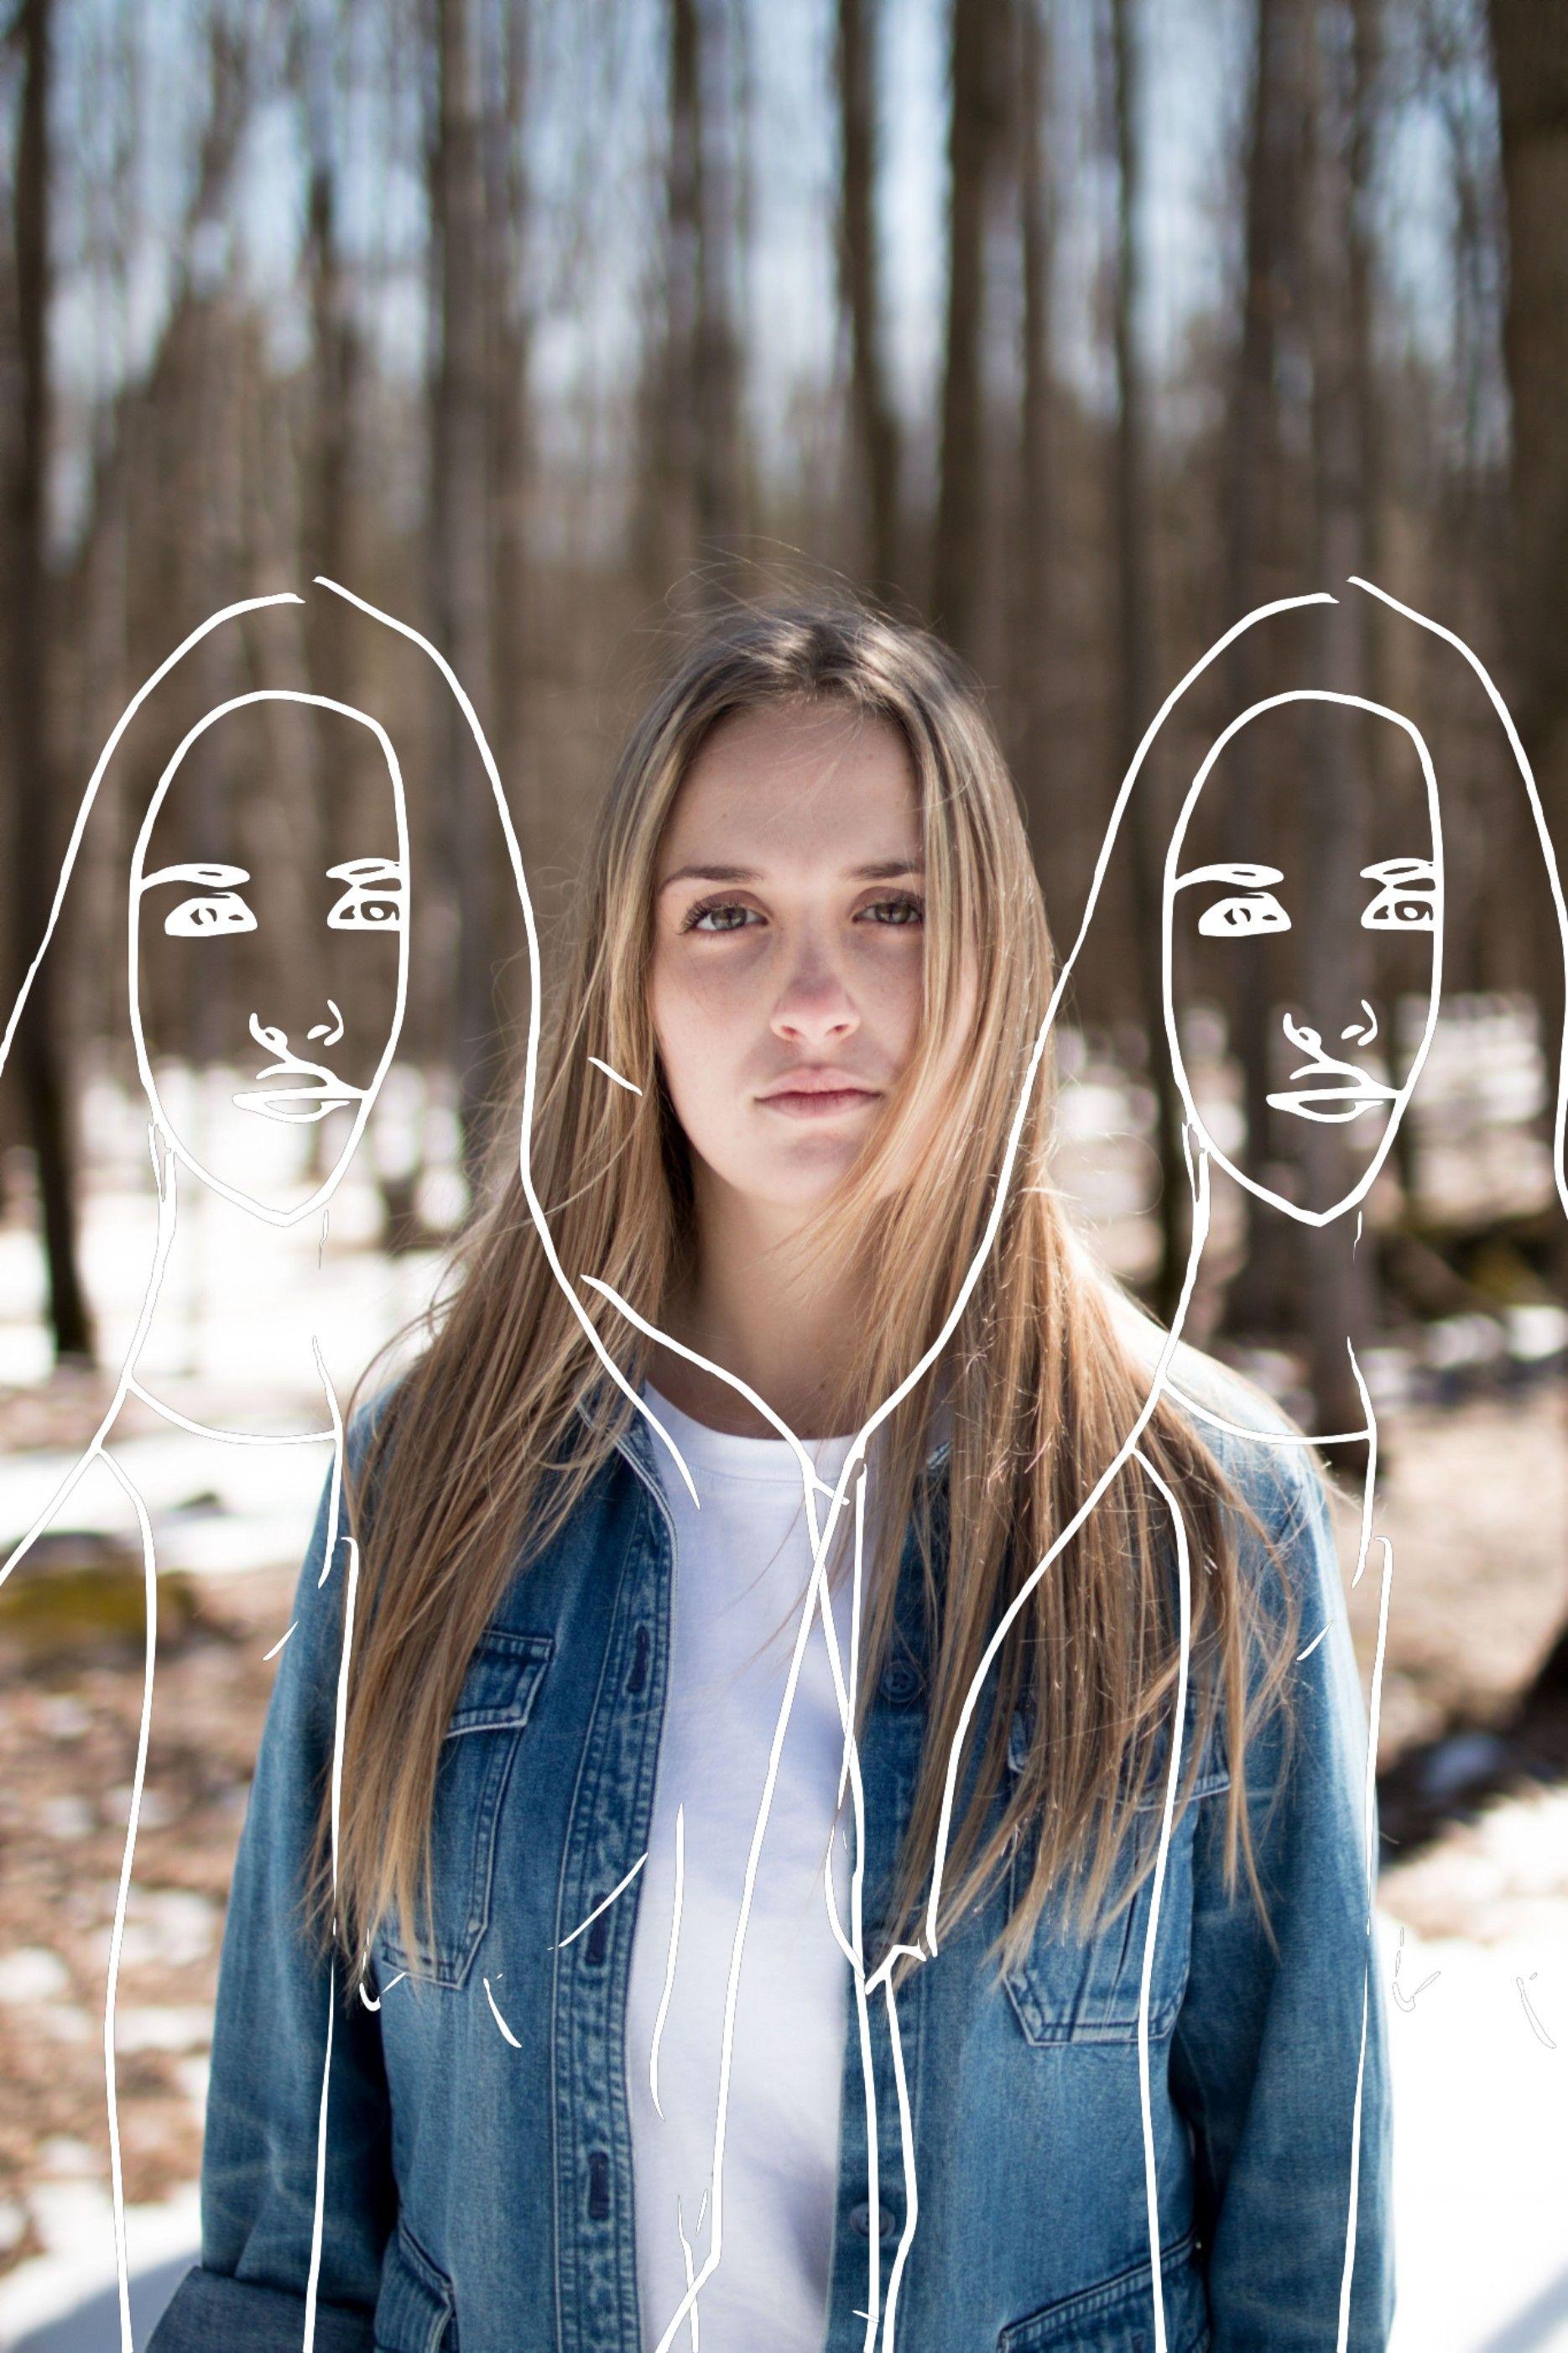 Picsart outlines in just few clicks picsart tutorial